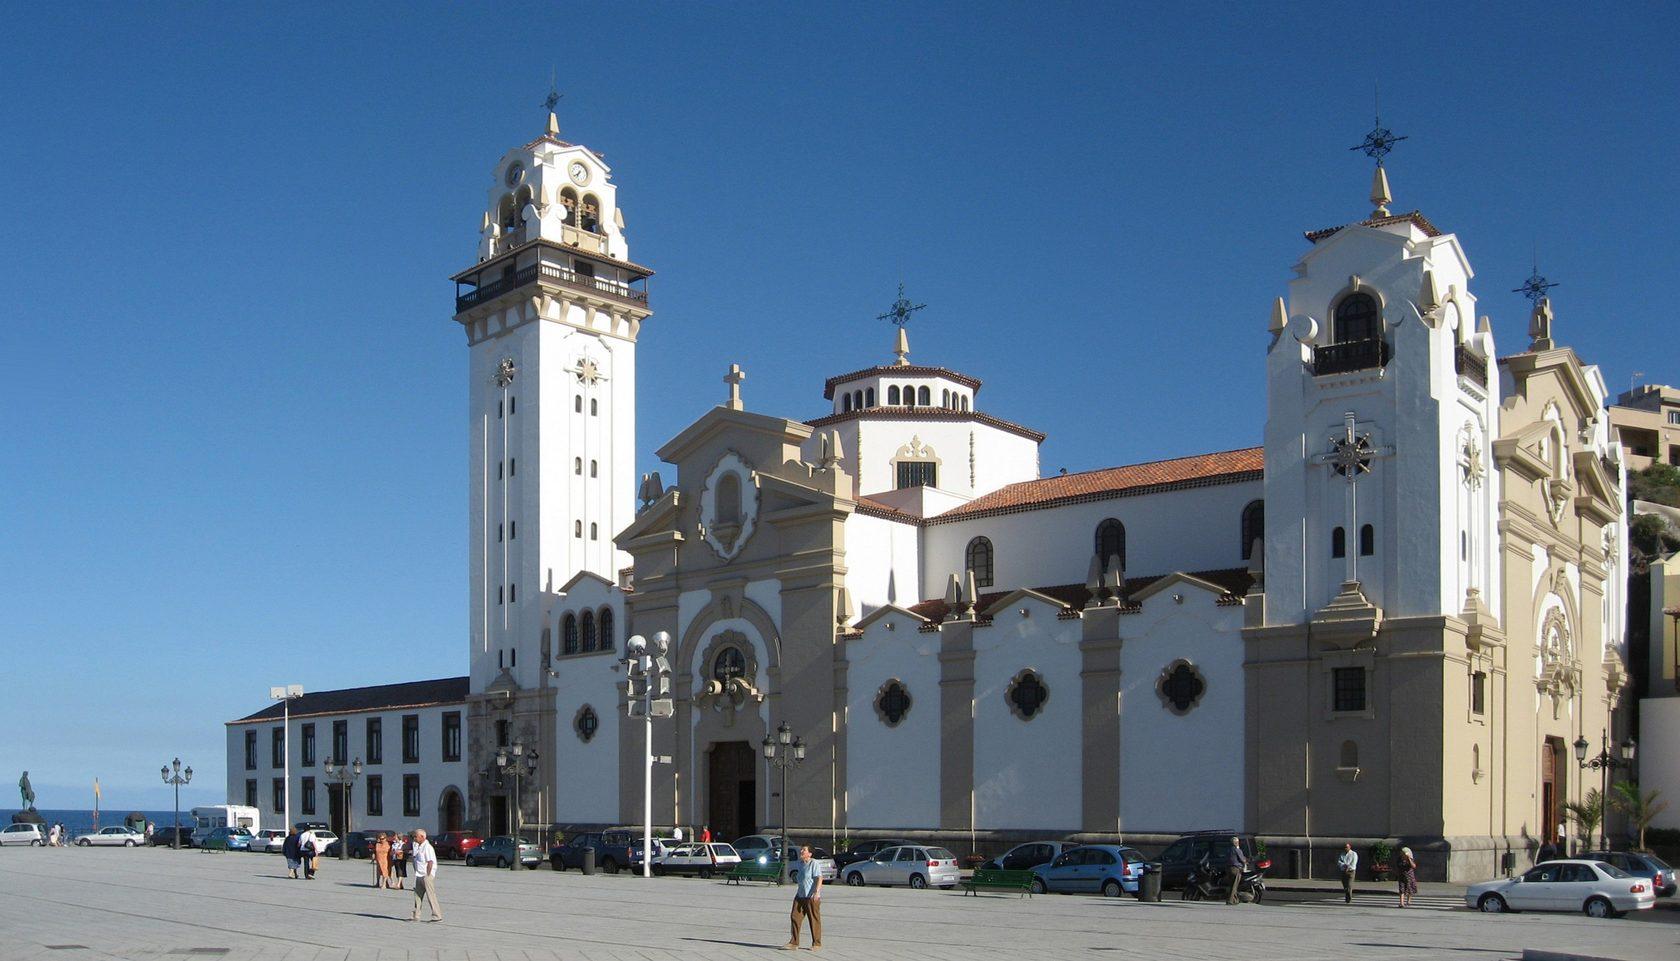 Церкви побережье расположилось самое известное балканах казино варьете популярные дискоте игровые автоматы спорт